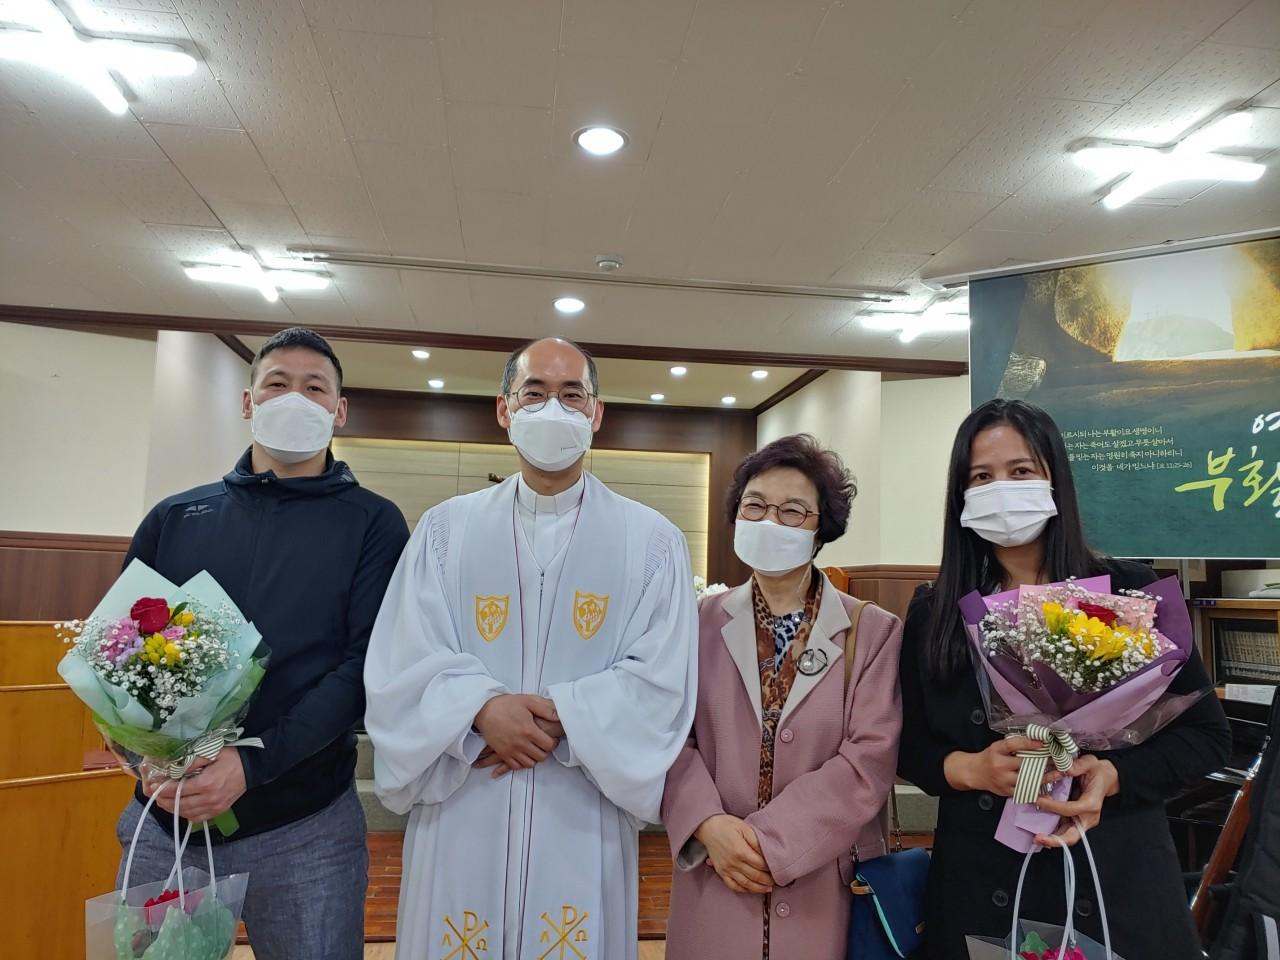 2021.04.04.부활절세례식